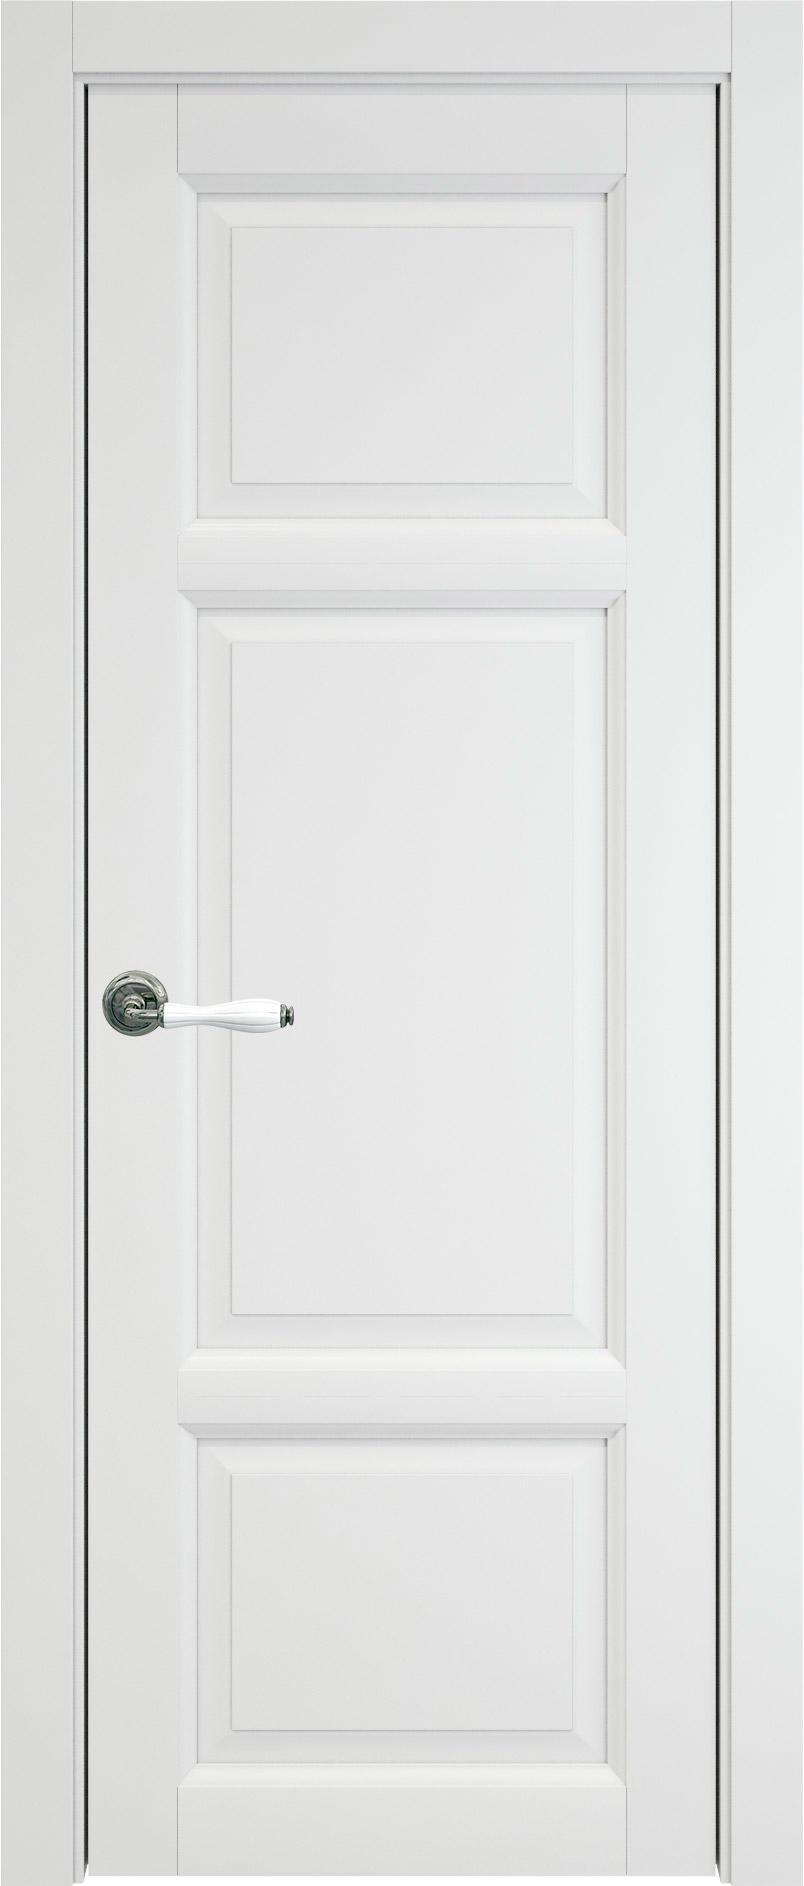 Siena цвет - Белая эмаль (RAL 9003) Без стекла (ДГ)